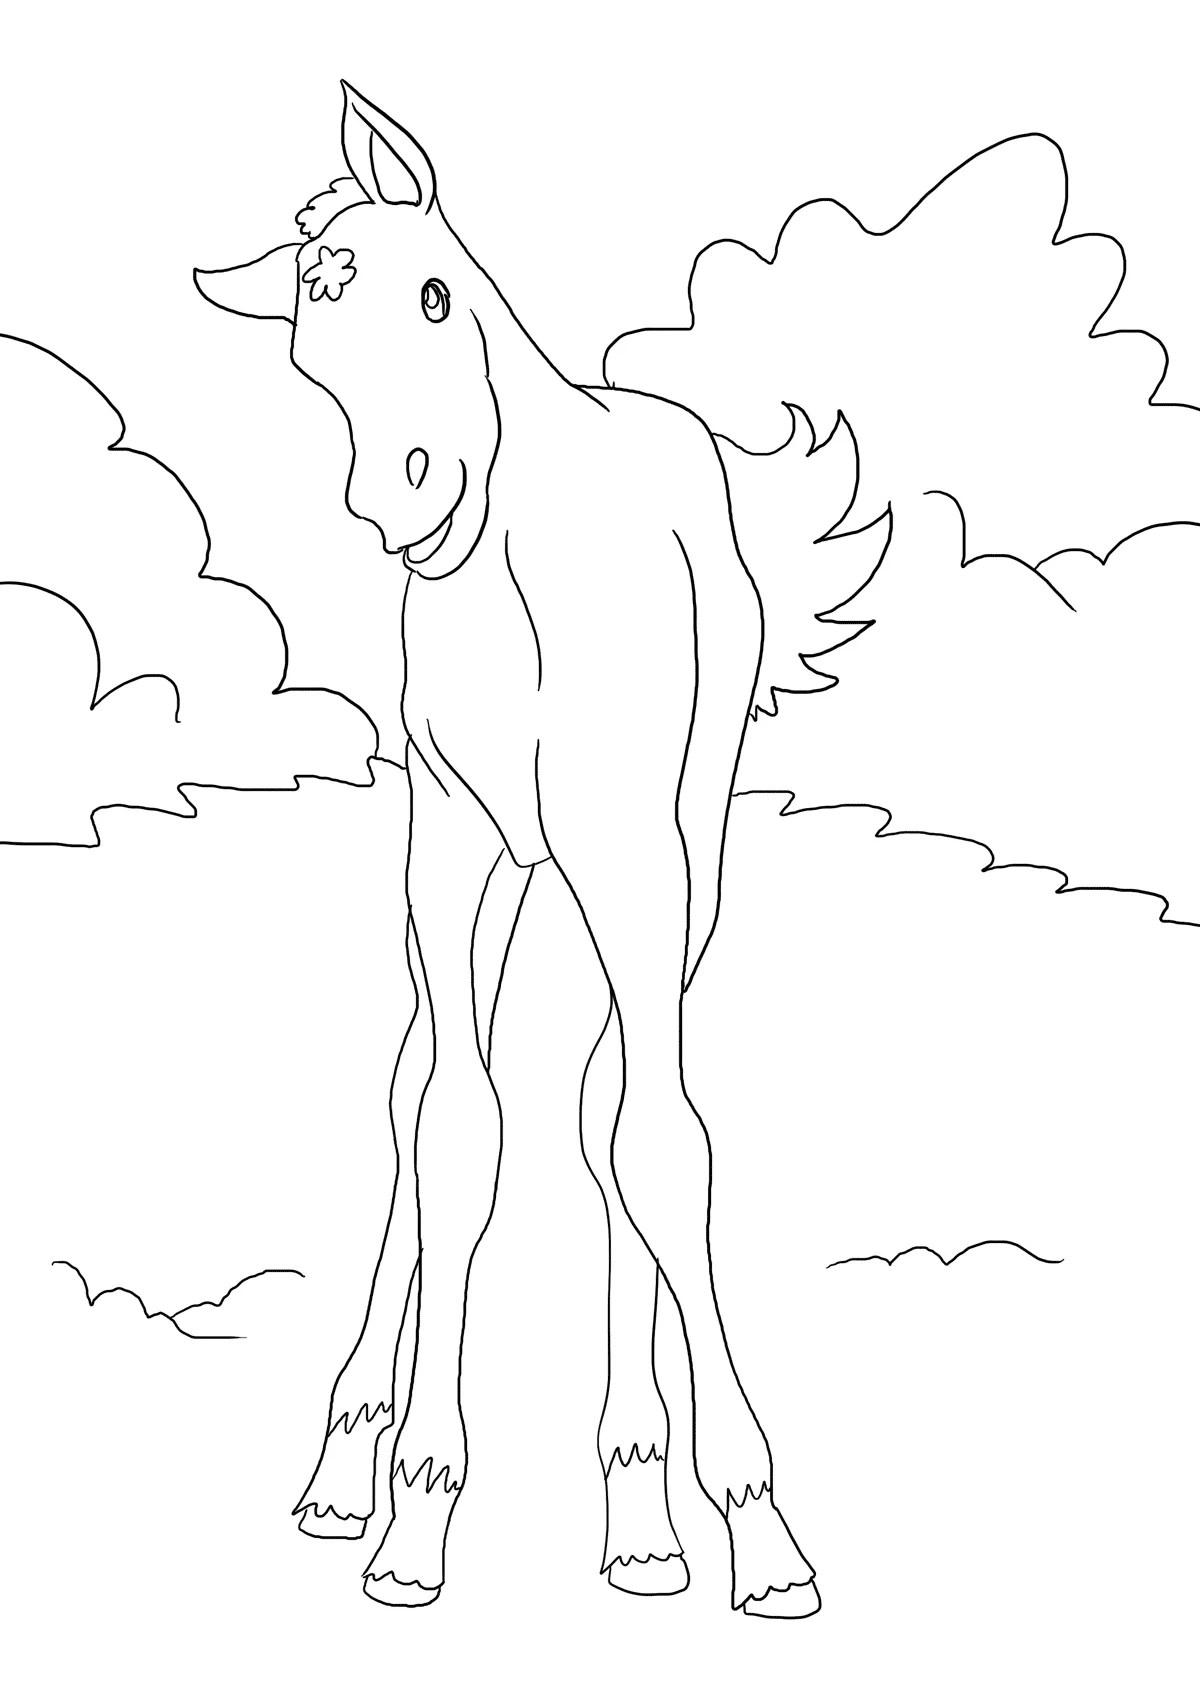 Fohlen Ausmalbilder Pferde - viele Malvorlagen mit Pferden